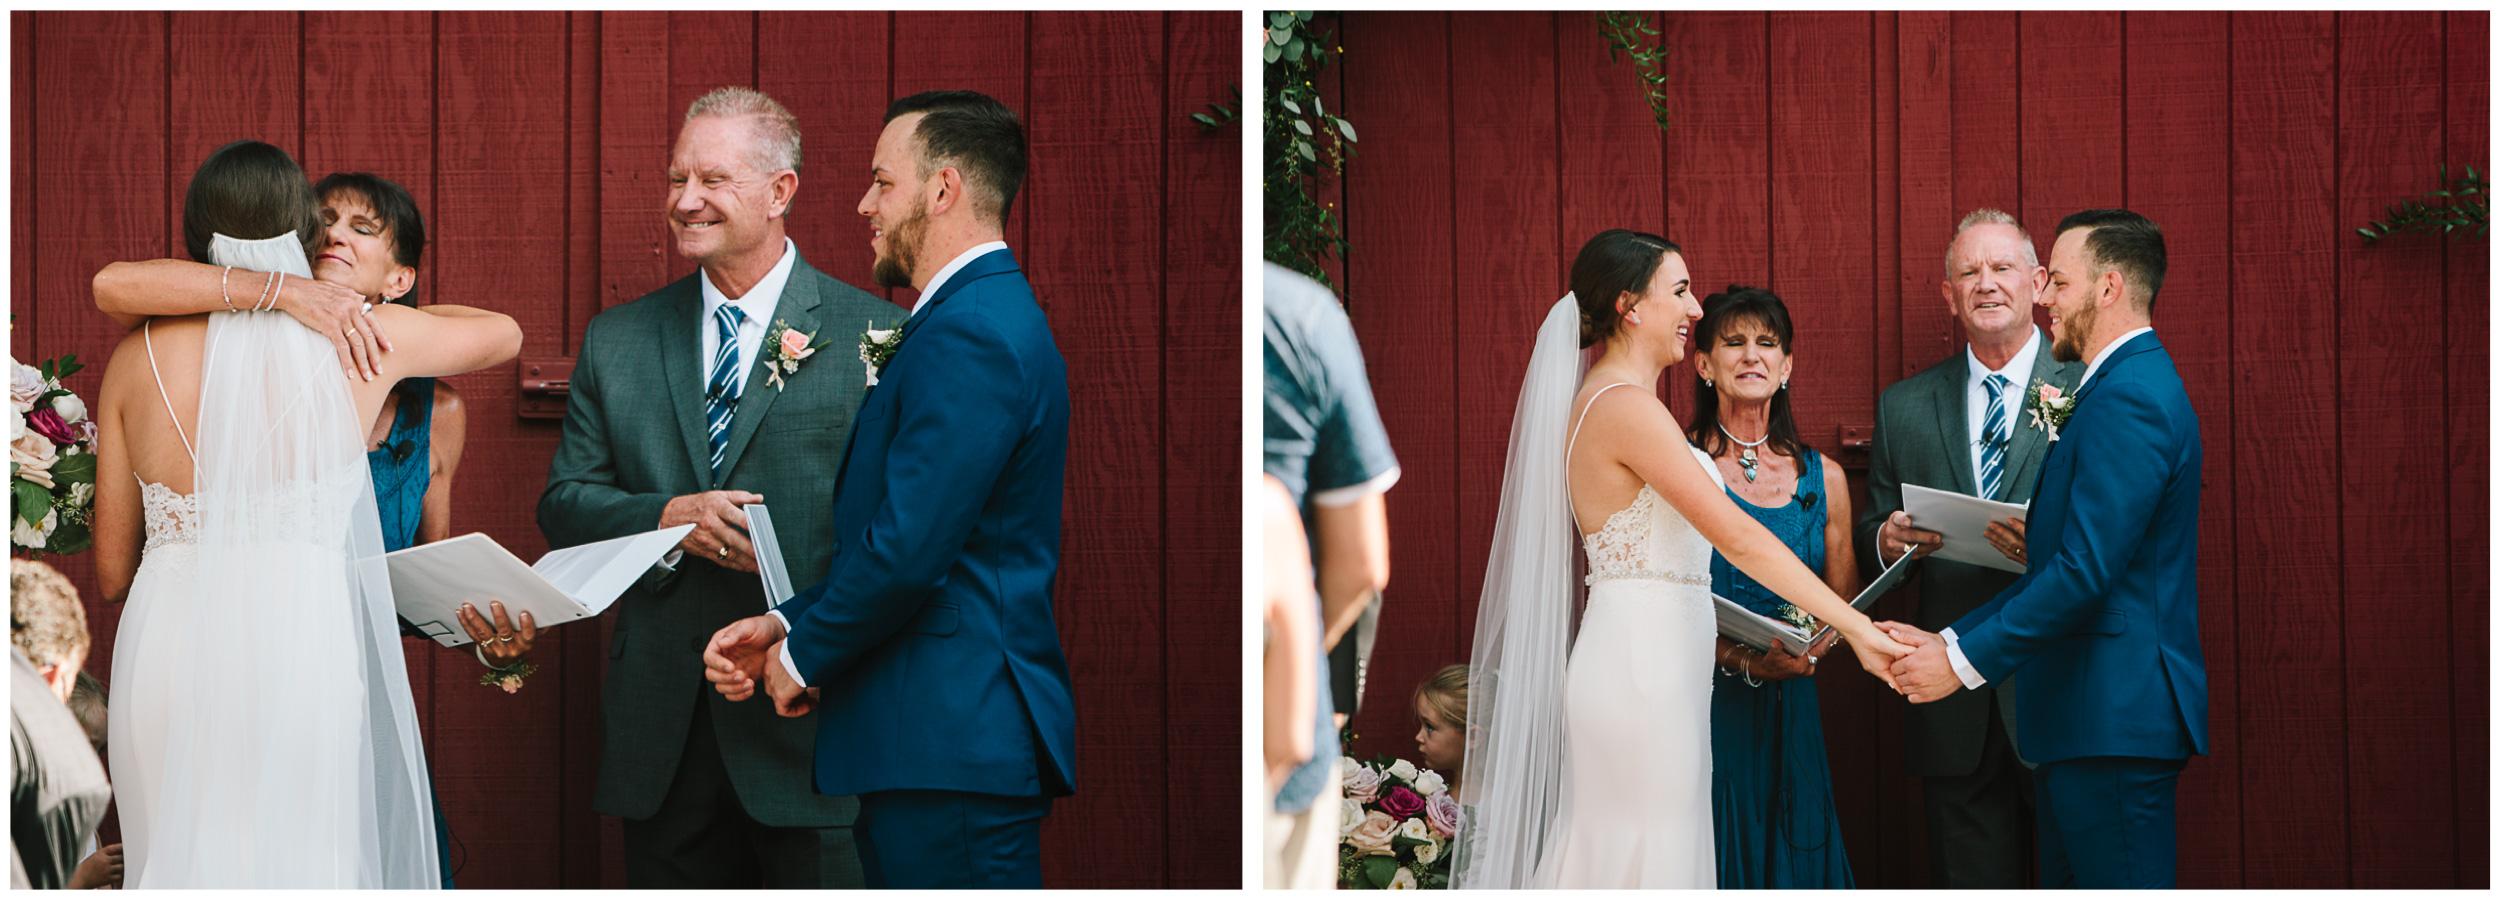 Morrison_Colorado_Wedding_51.jpg